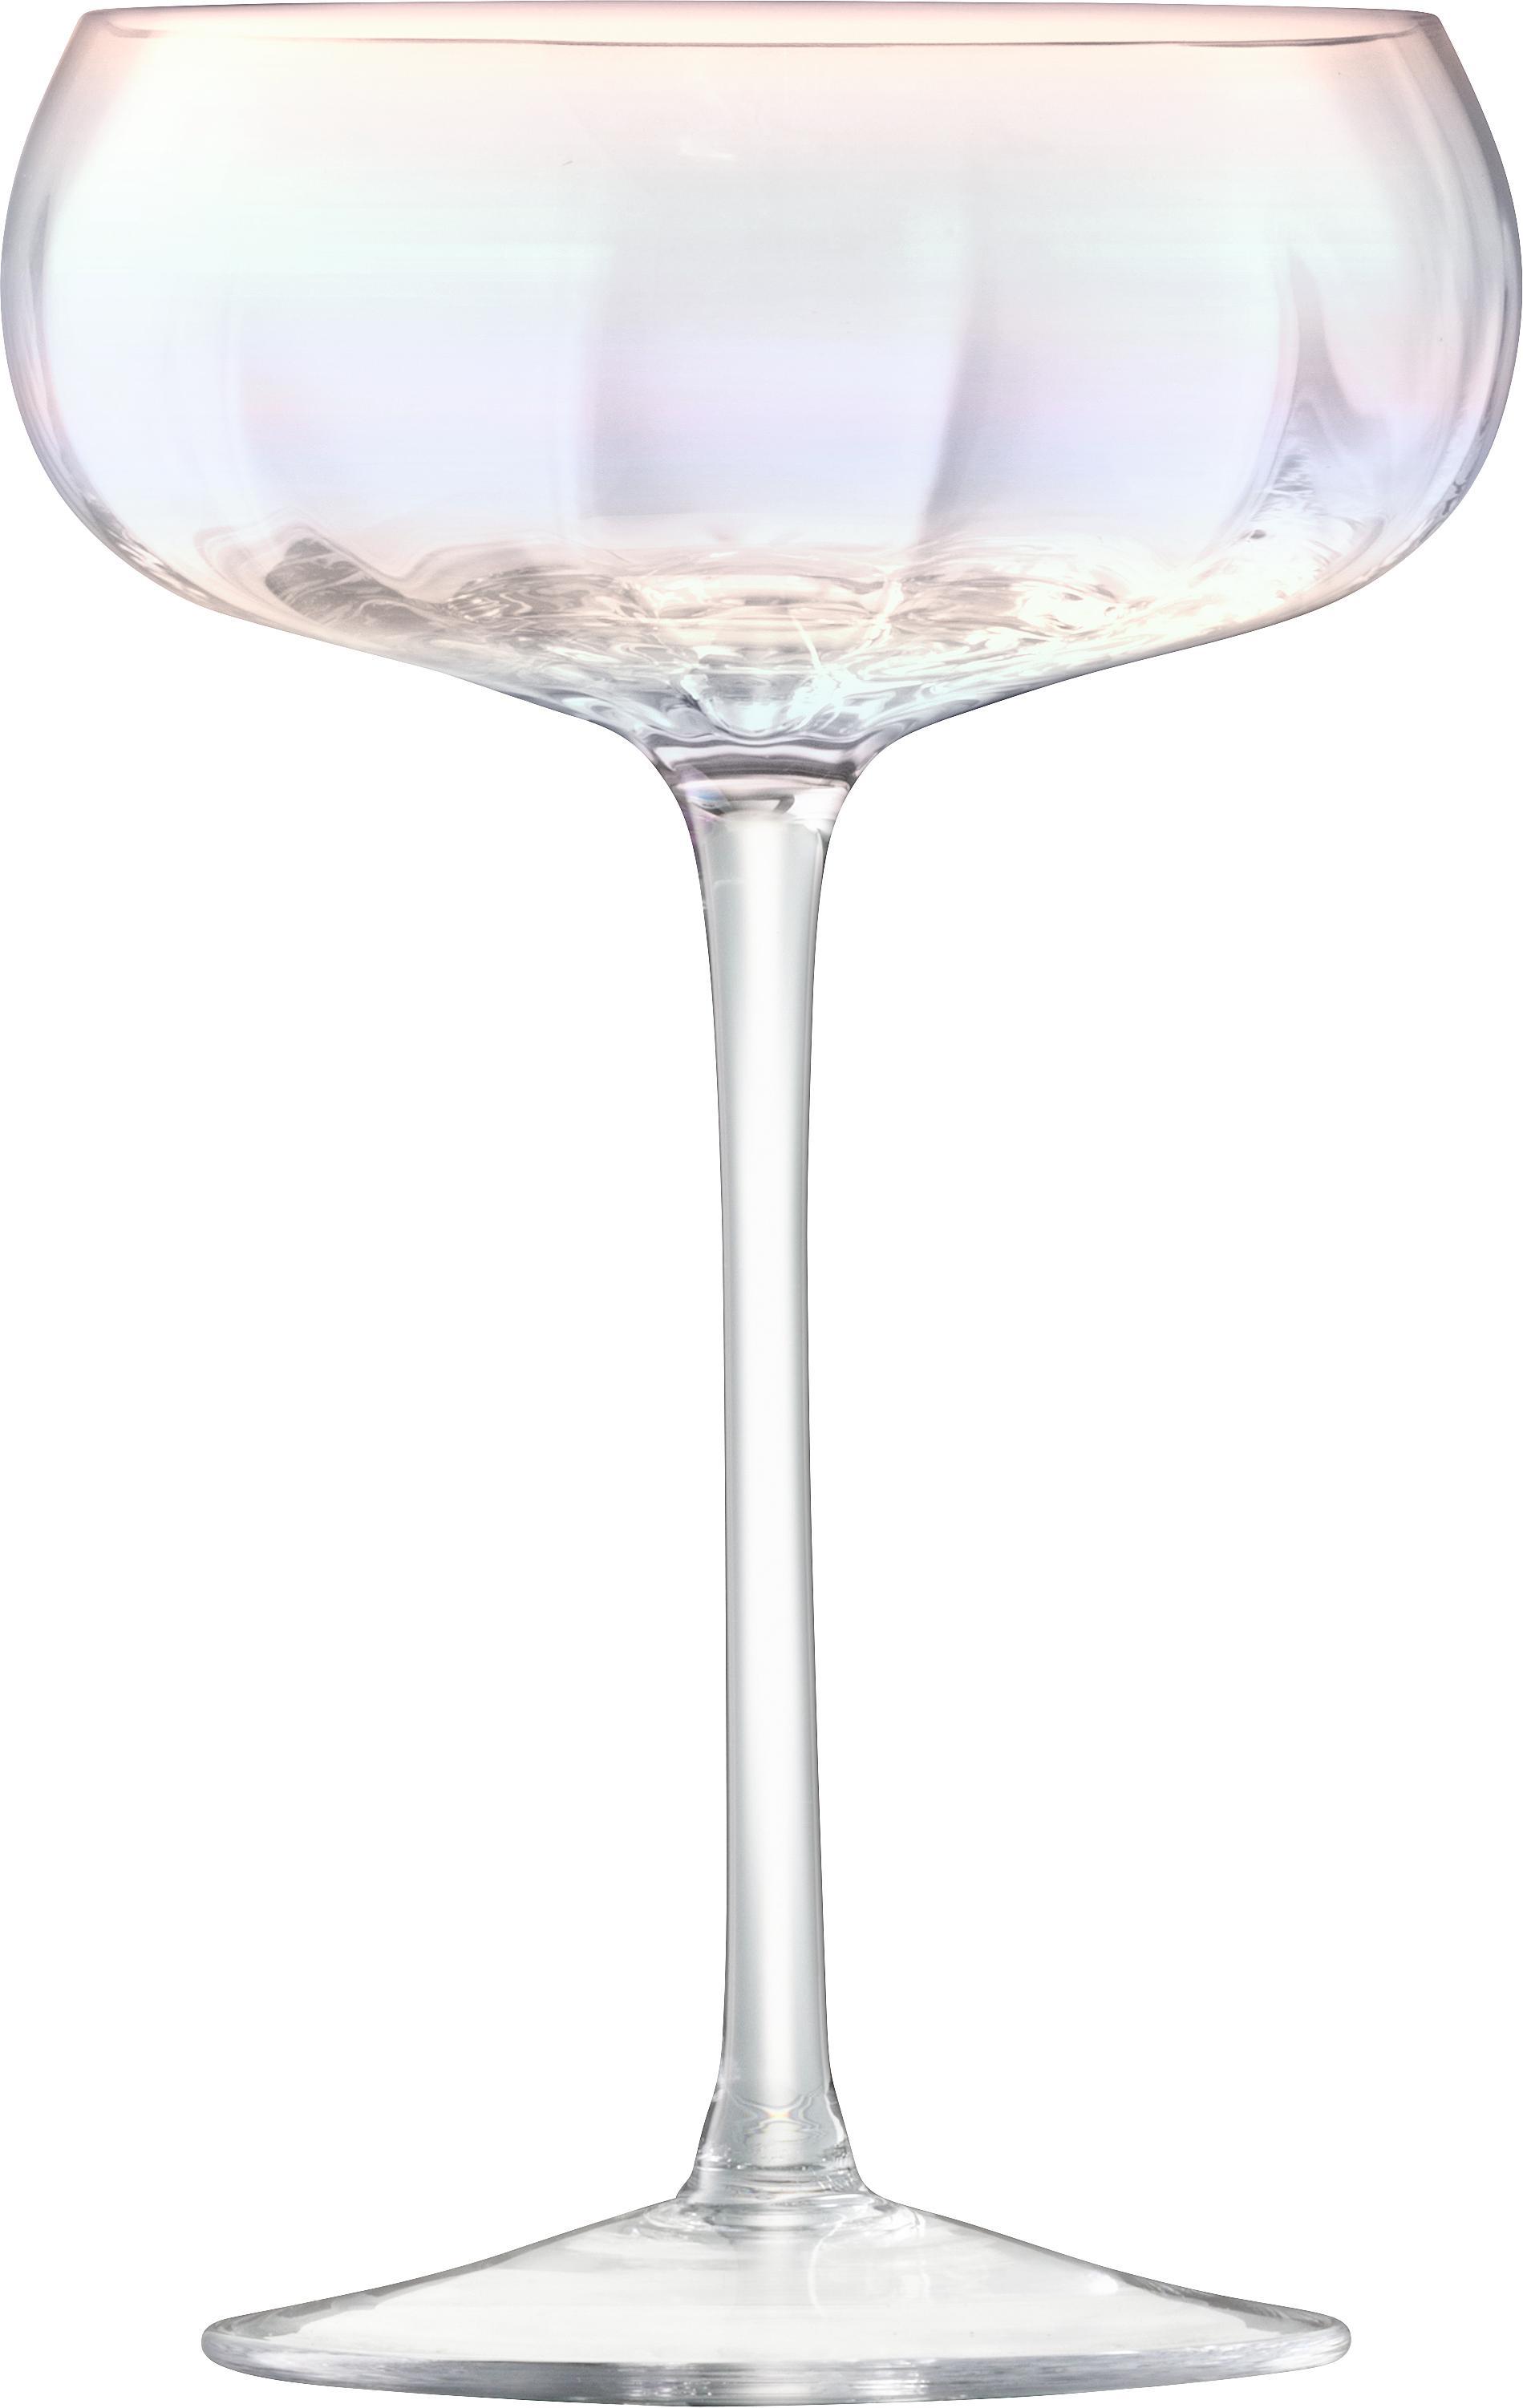 Kieliszek do szampana ze szkła dmuchanego Pearl, 4 szt., Szkło, Perłowy połysk, Ø 11 x W 16 cm